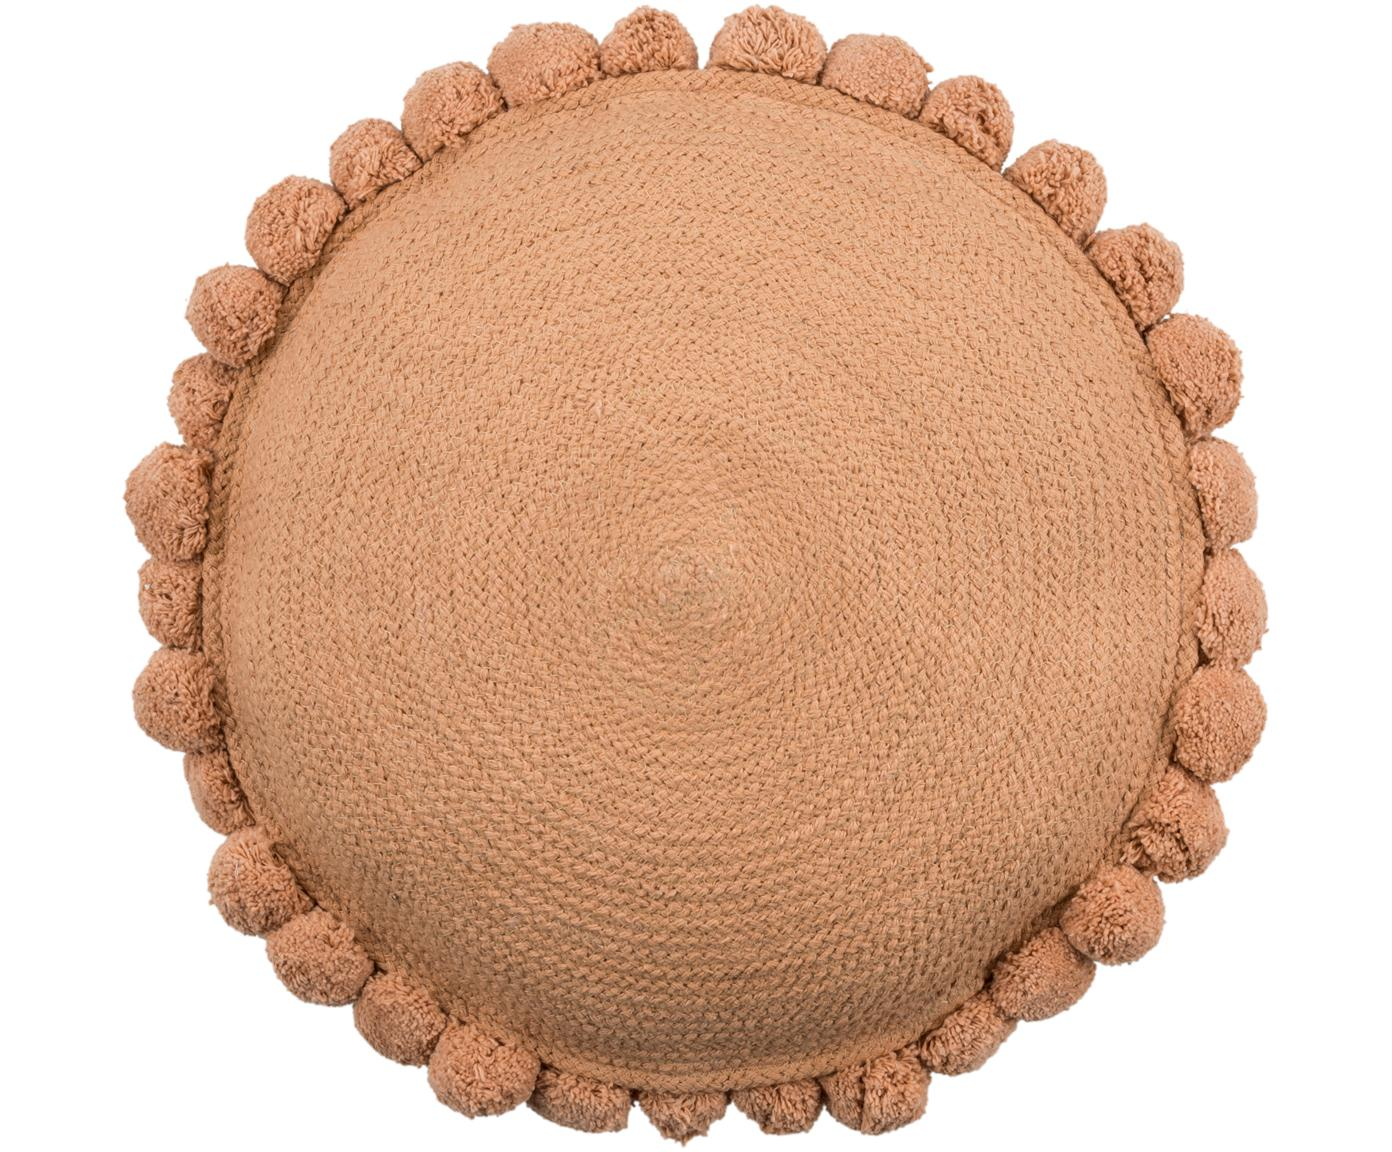 Cuscino rotondo in juta con imbottitura Pom Pom, Juta, Legno di quercia, Ø 40 cm